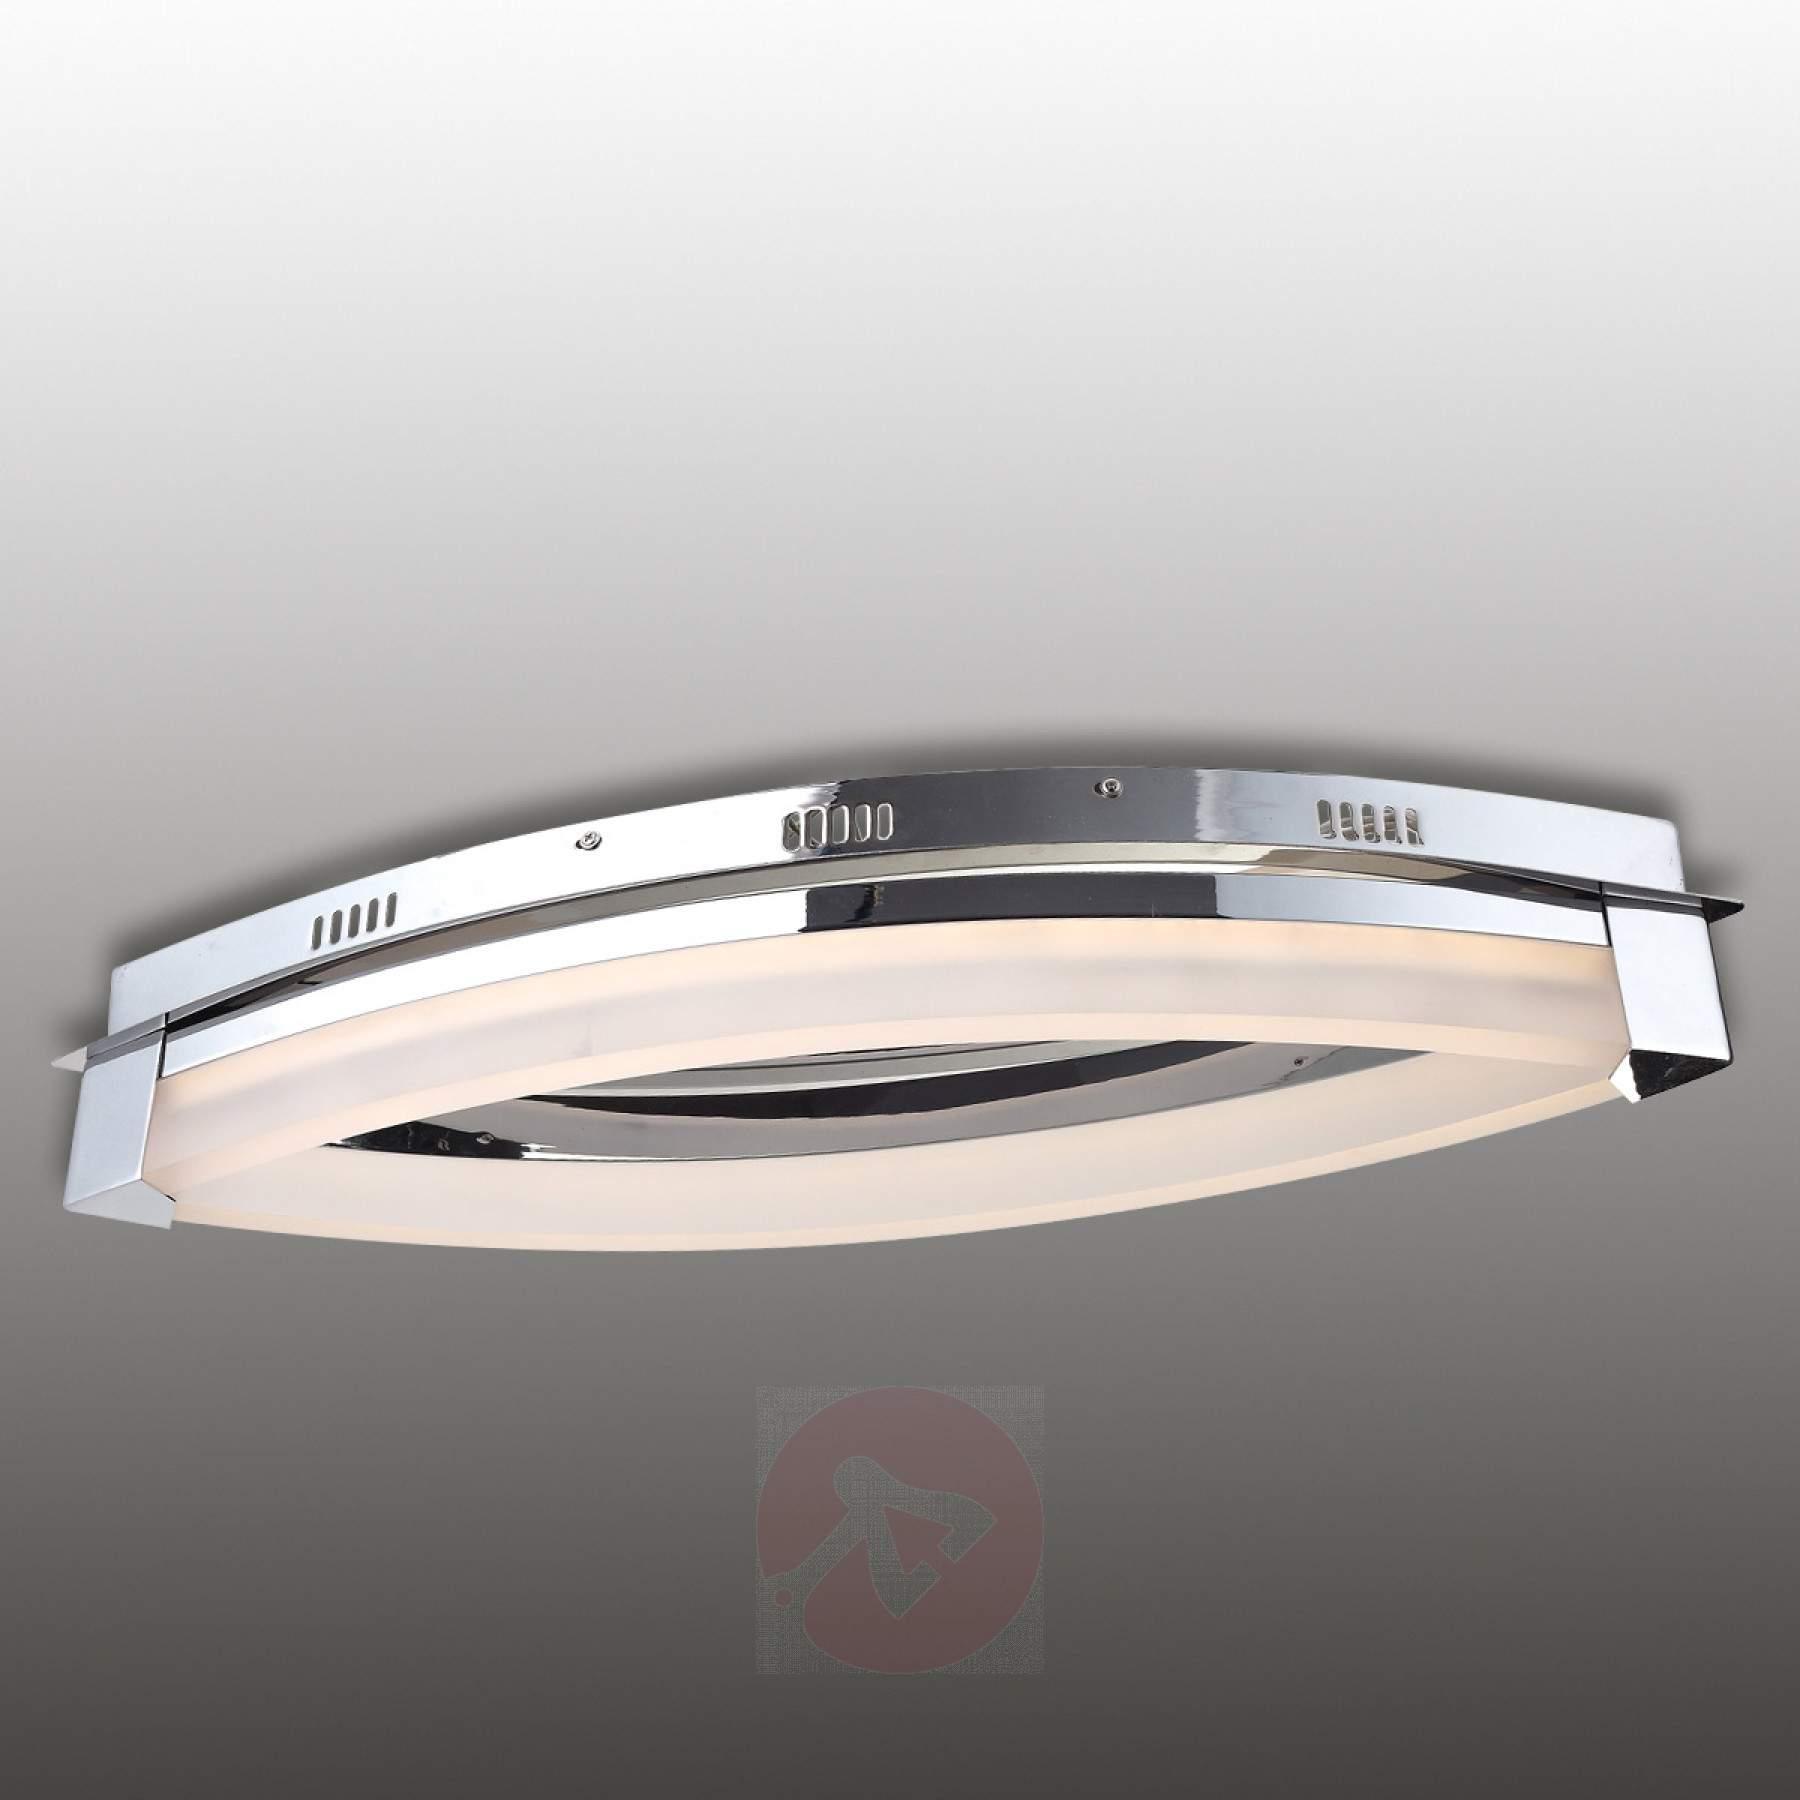 Full Size of Deckenlampe Modern Wirkende Led Vannes Kaufen Lampenweltde Moderne Deckenleuchte Wohnzimmer Deckenlampen Für Bett Design Bilder Fürs Küche Duschen Modernes Wohnzimmer Deckenlampe Modern